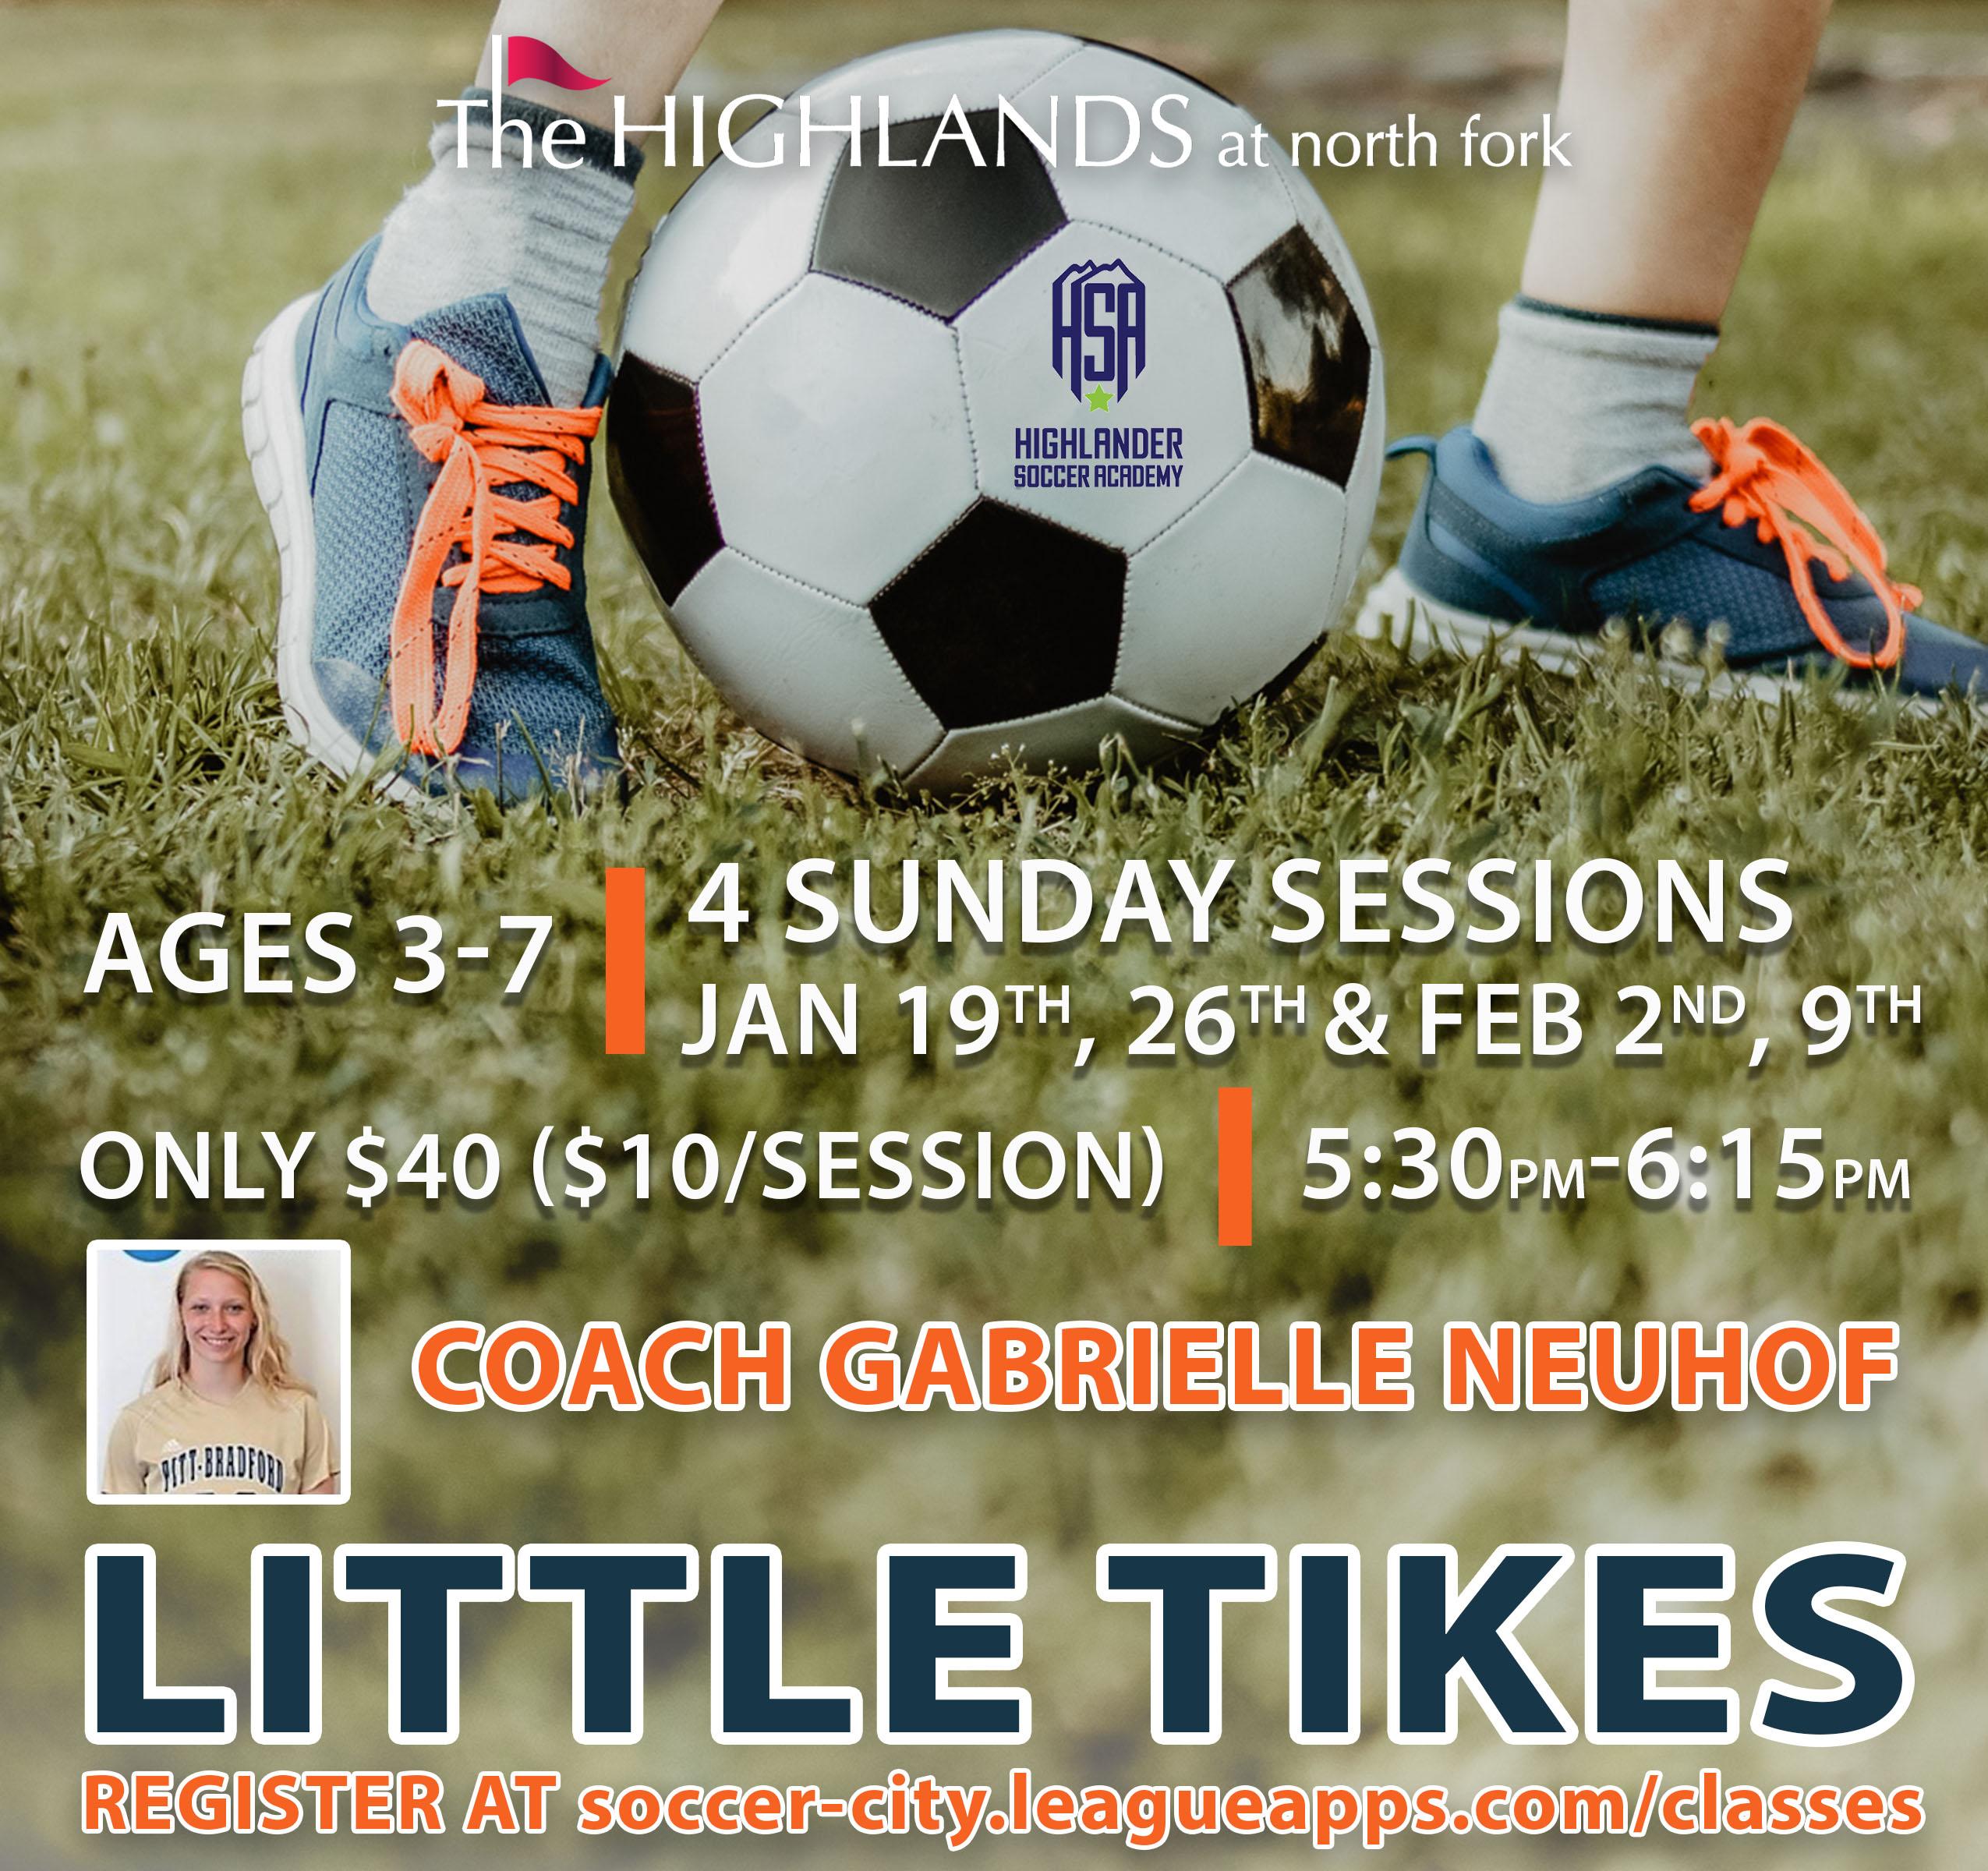 Little Tikes Soccer